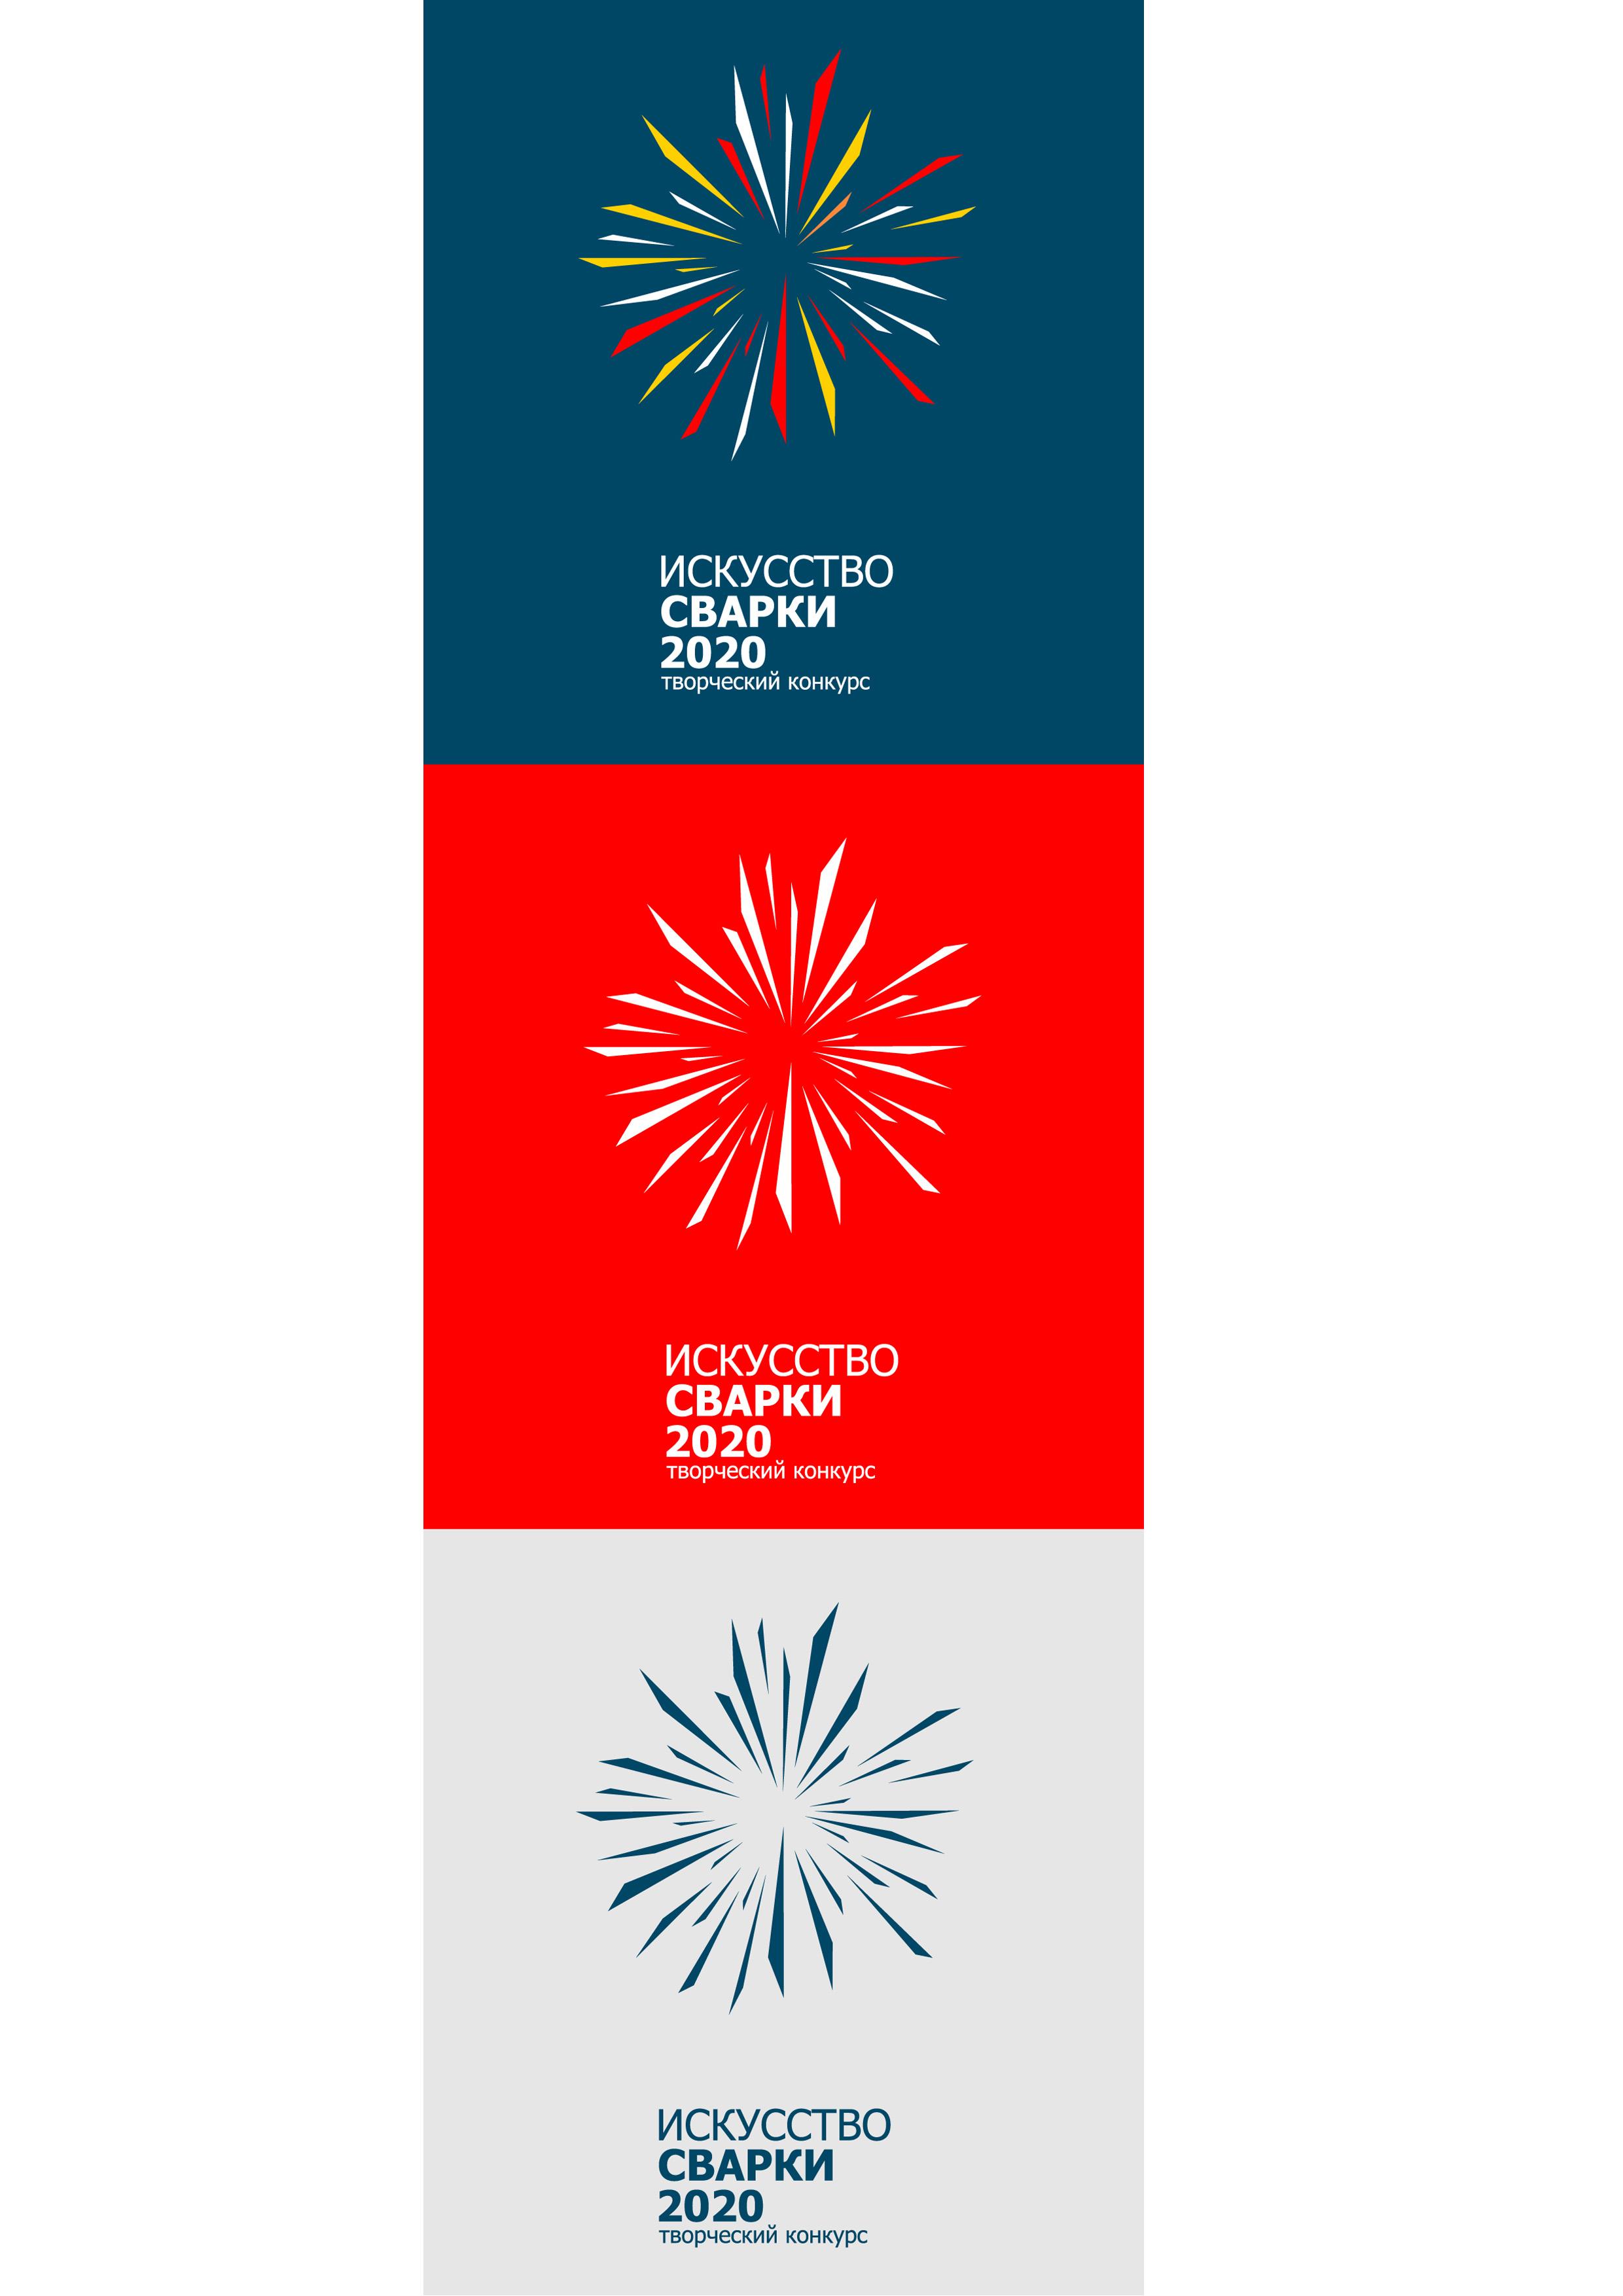 Разработка логотипа для Конкурса фото f_1165f6f540f1fa15.jpg